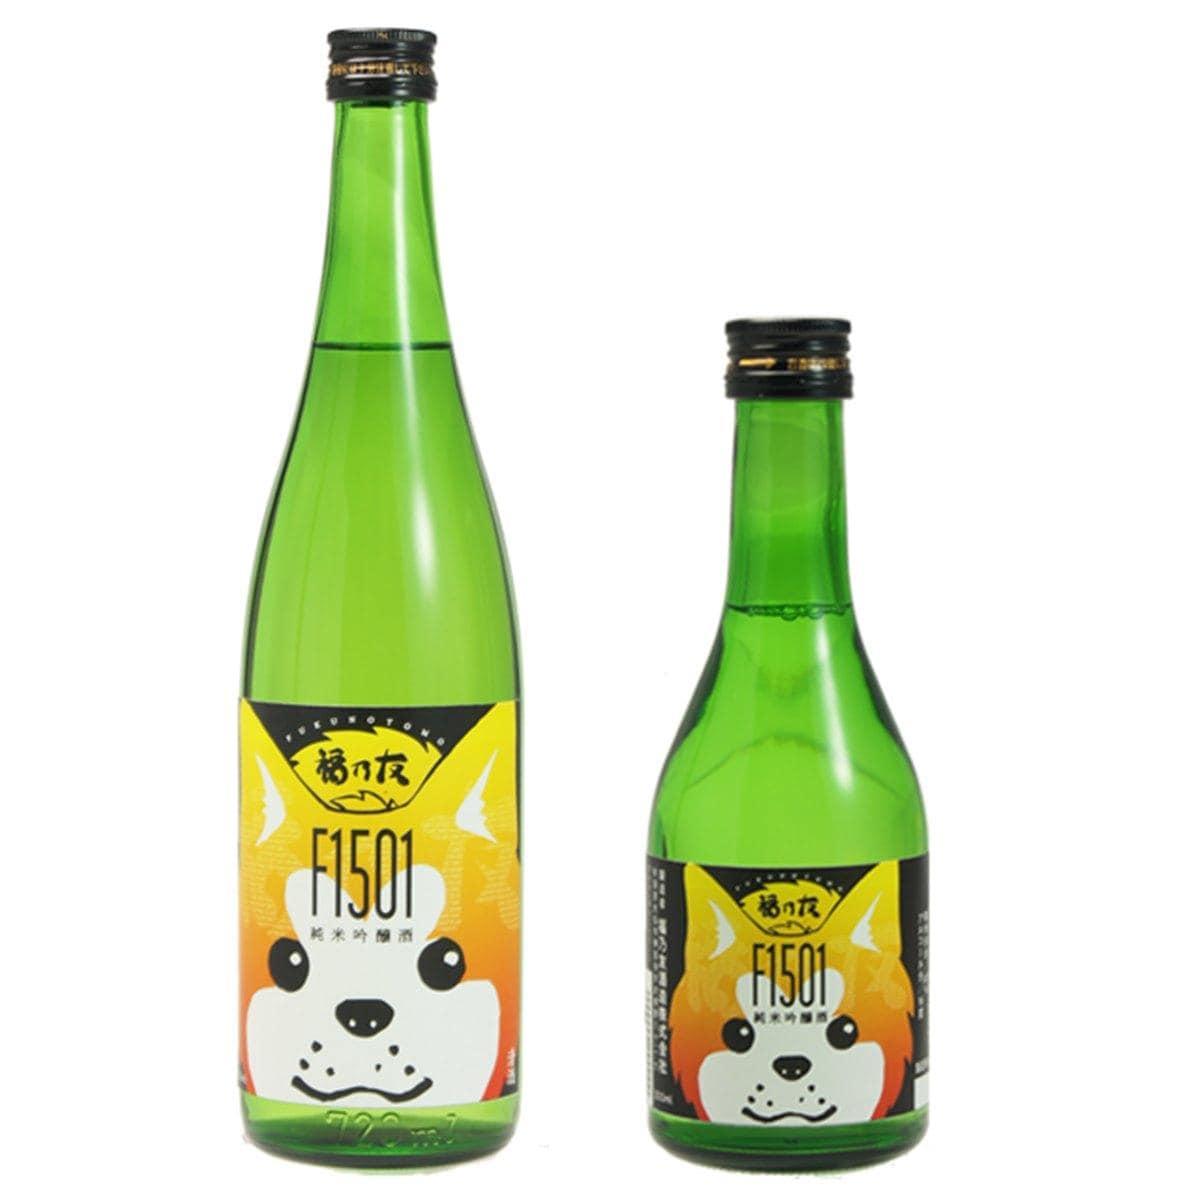 福乃友酒造(大仙市)が発売した「秋田犬ラベル」の純米吟醸酒